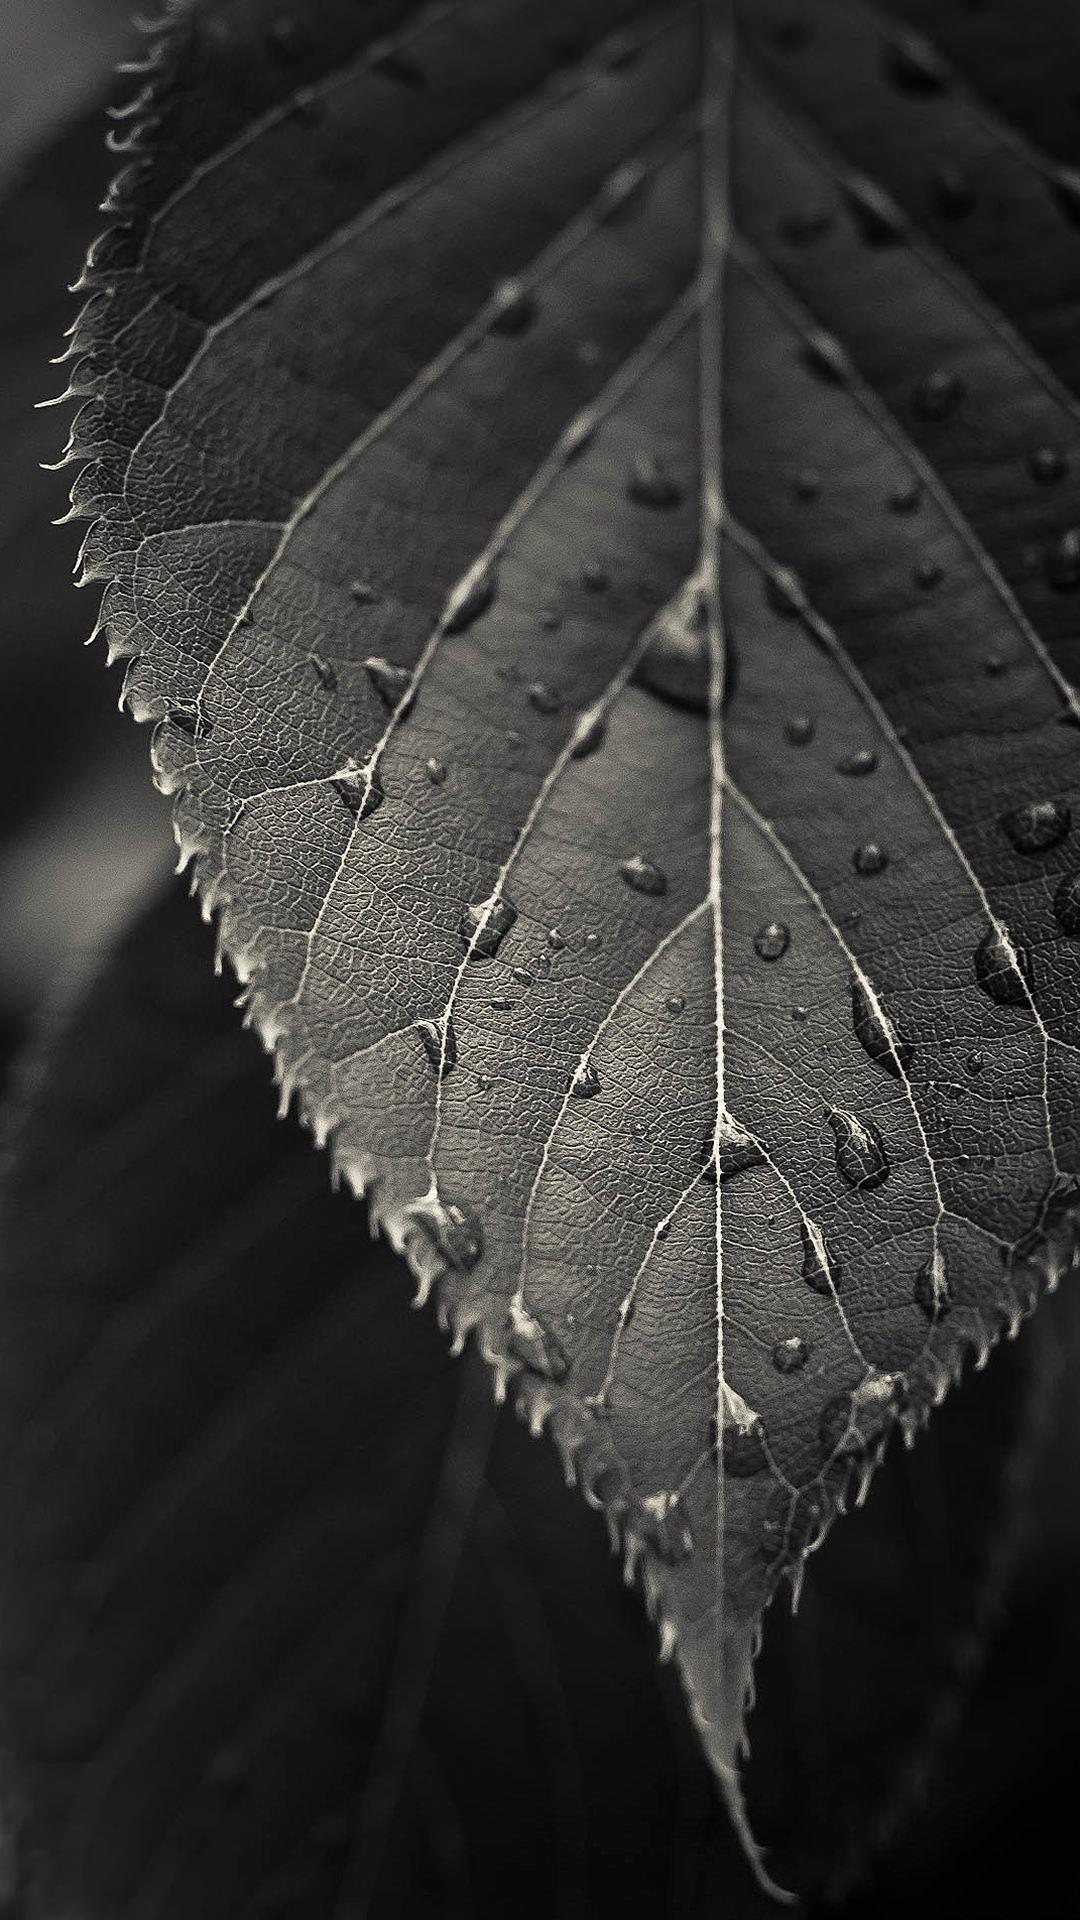 綺麗なモノクロの葉 iPhone6 Plus 壁紙